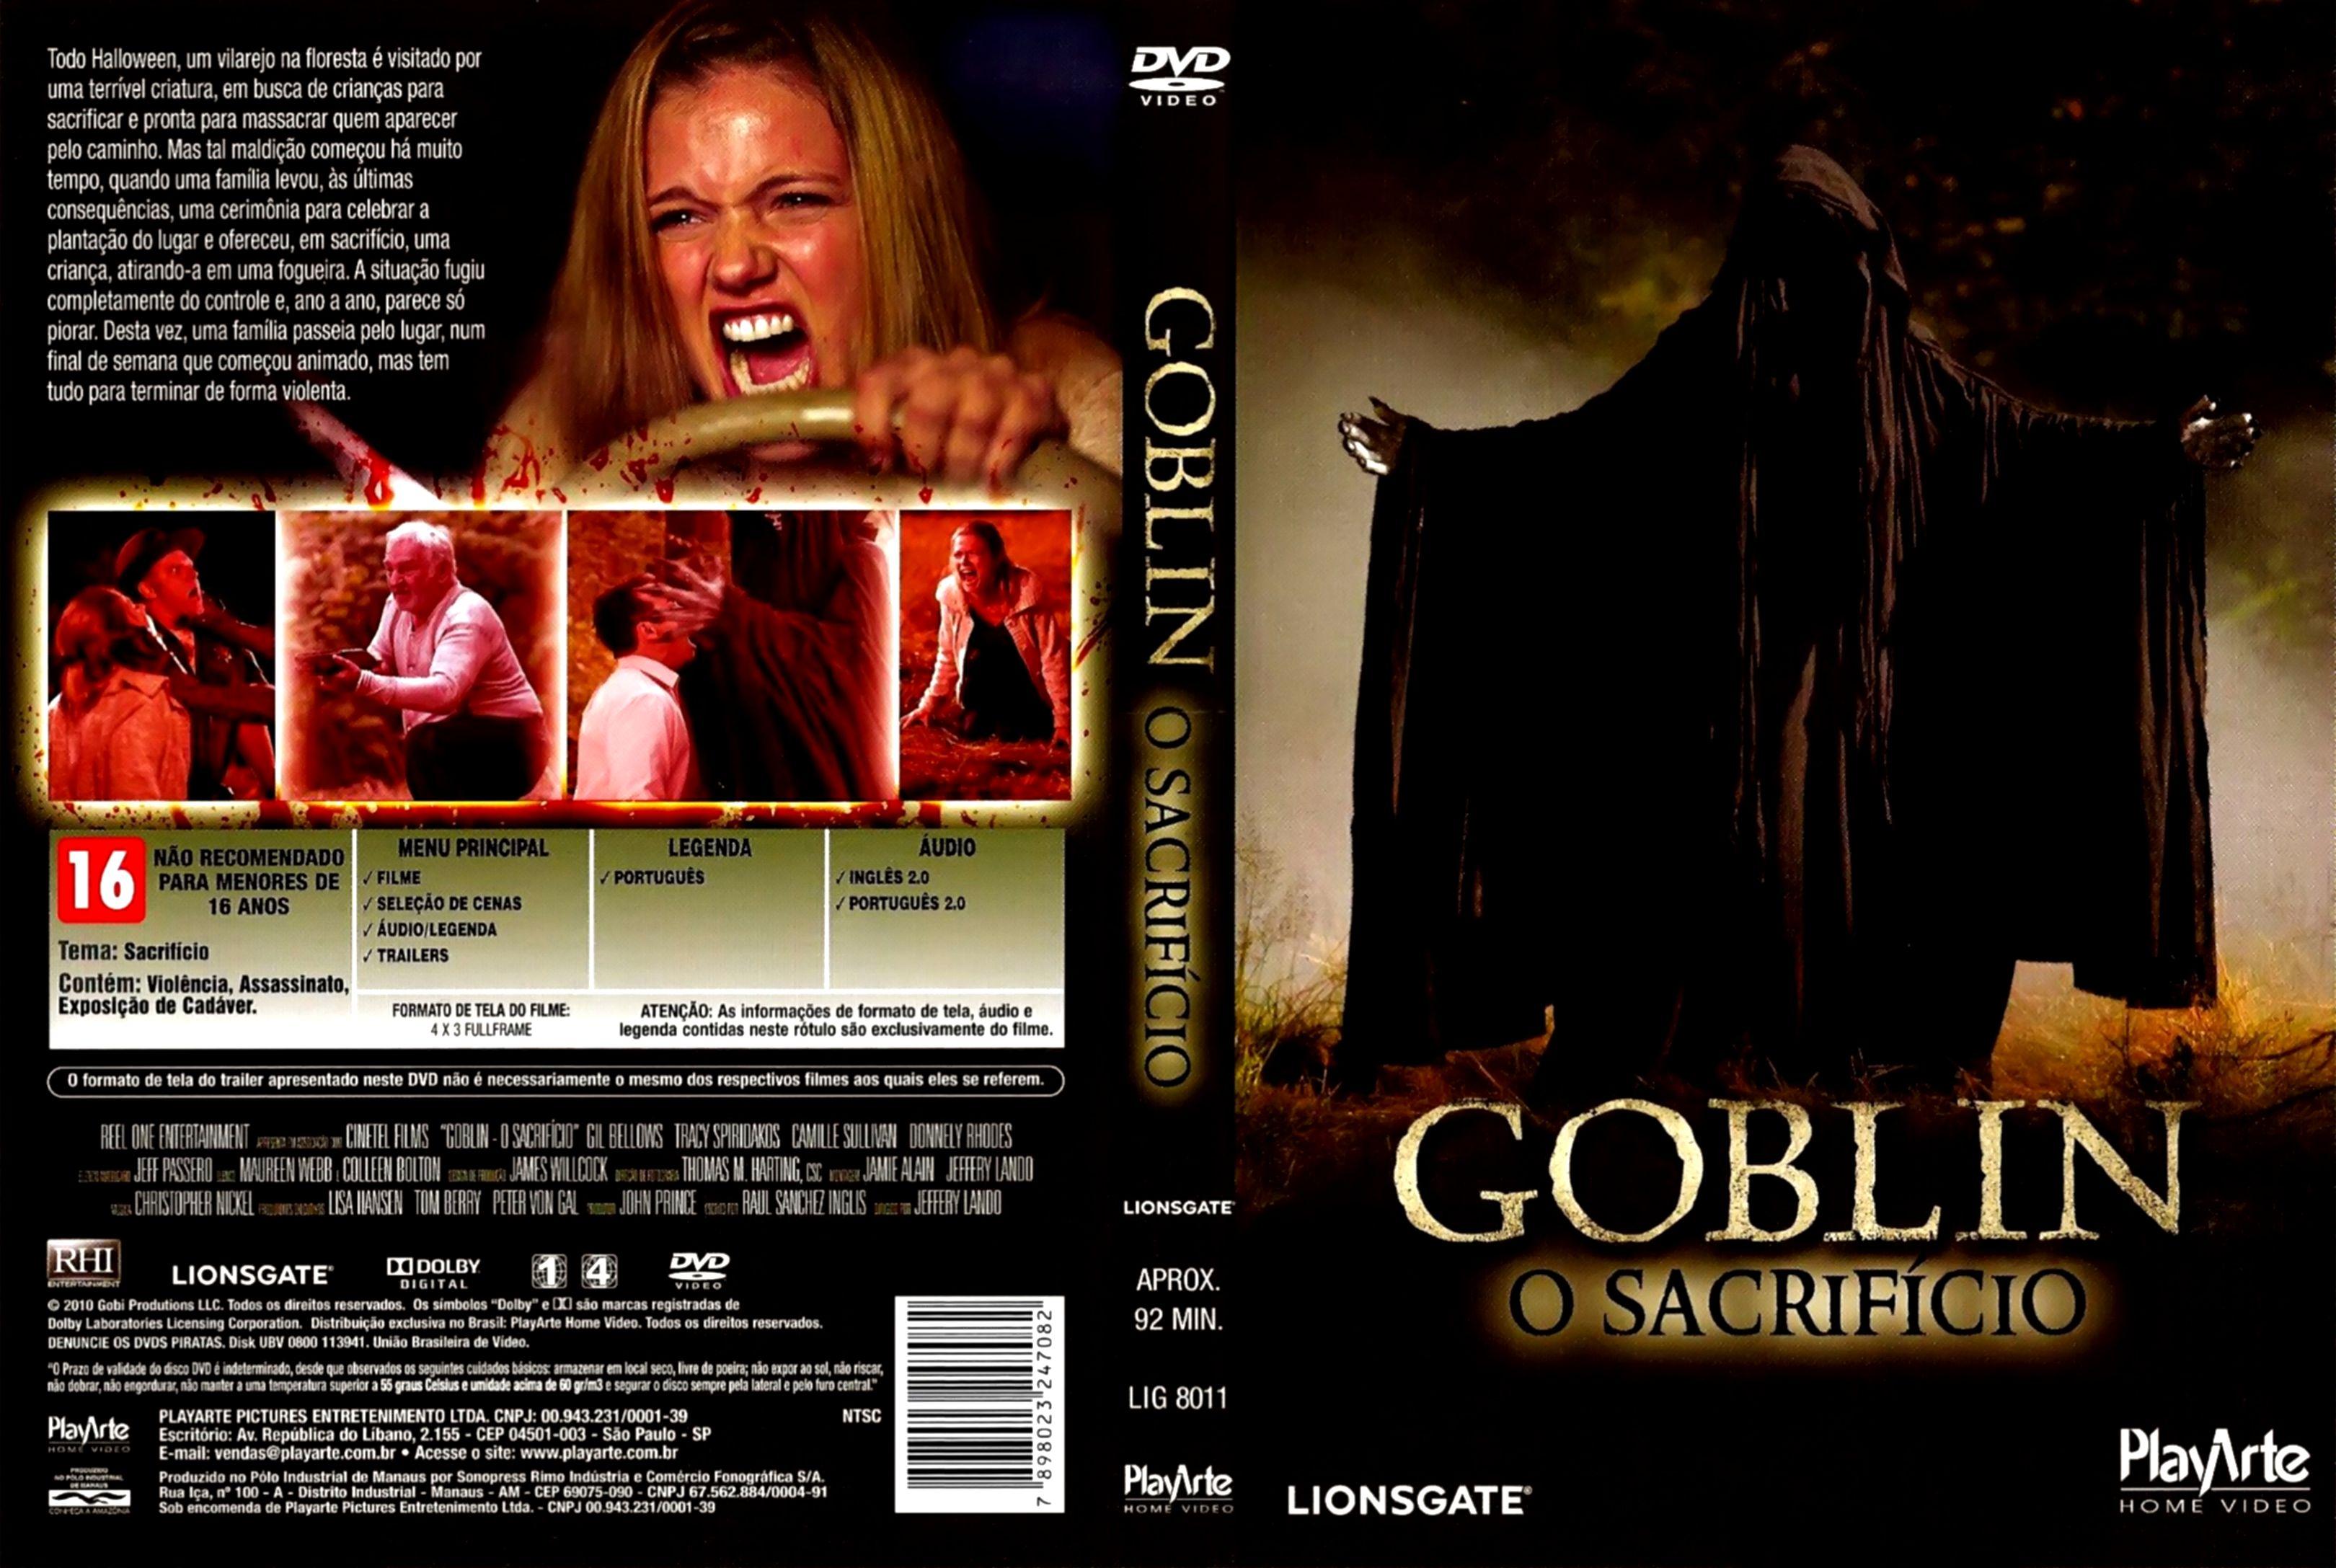 GoblinOSacrificio